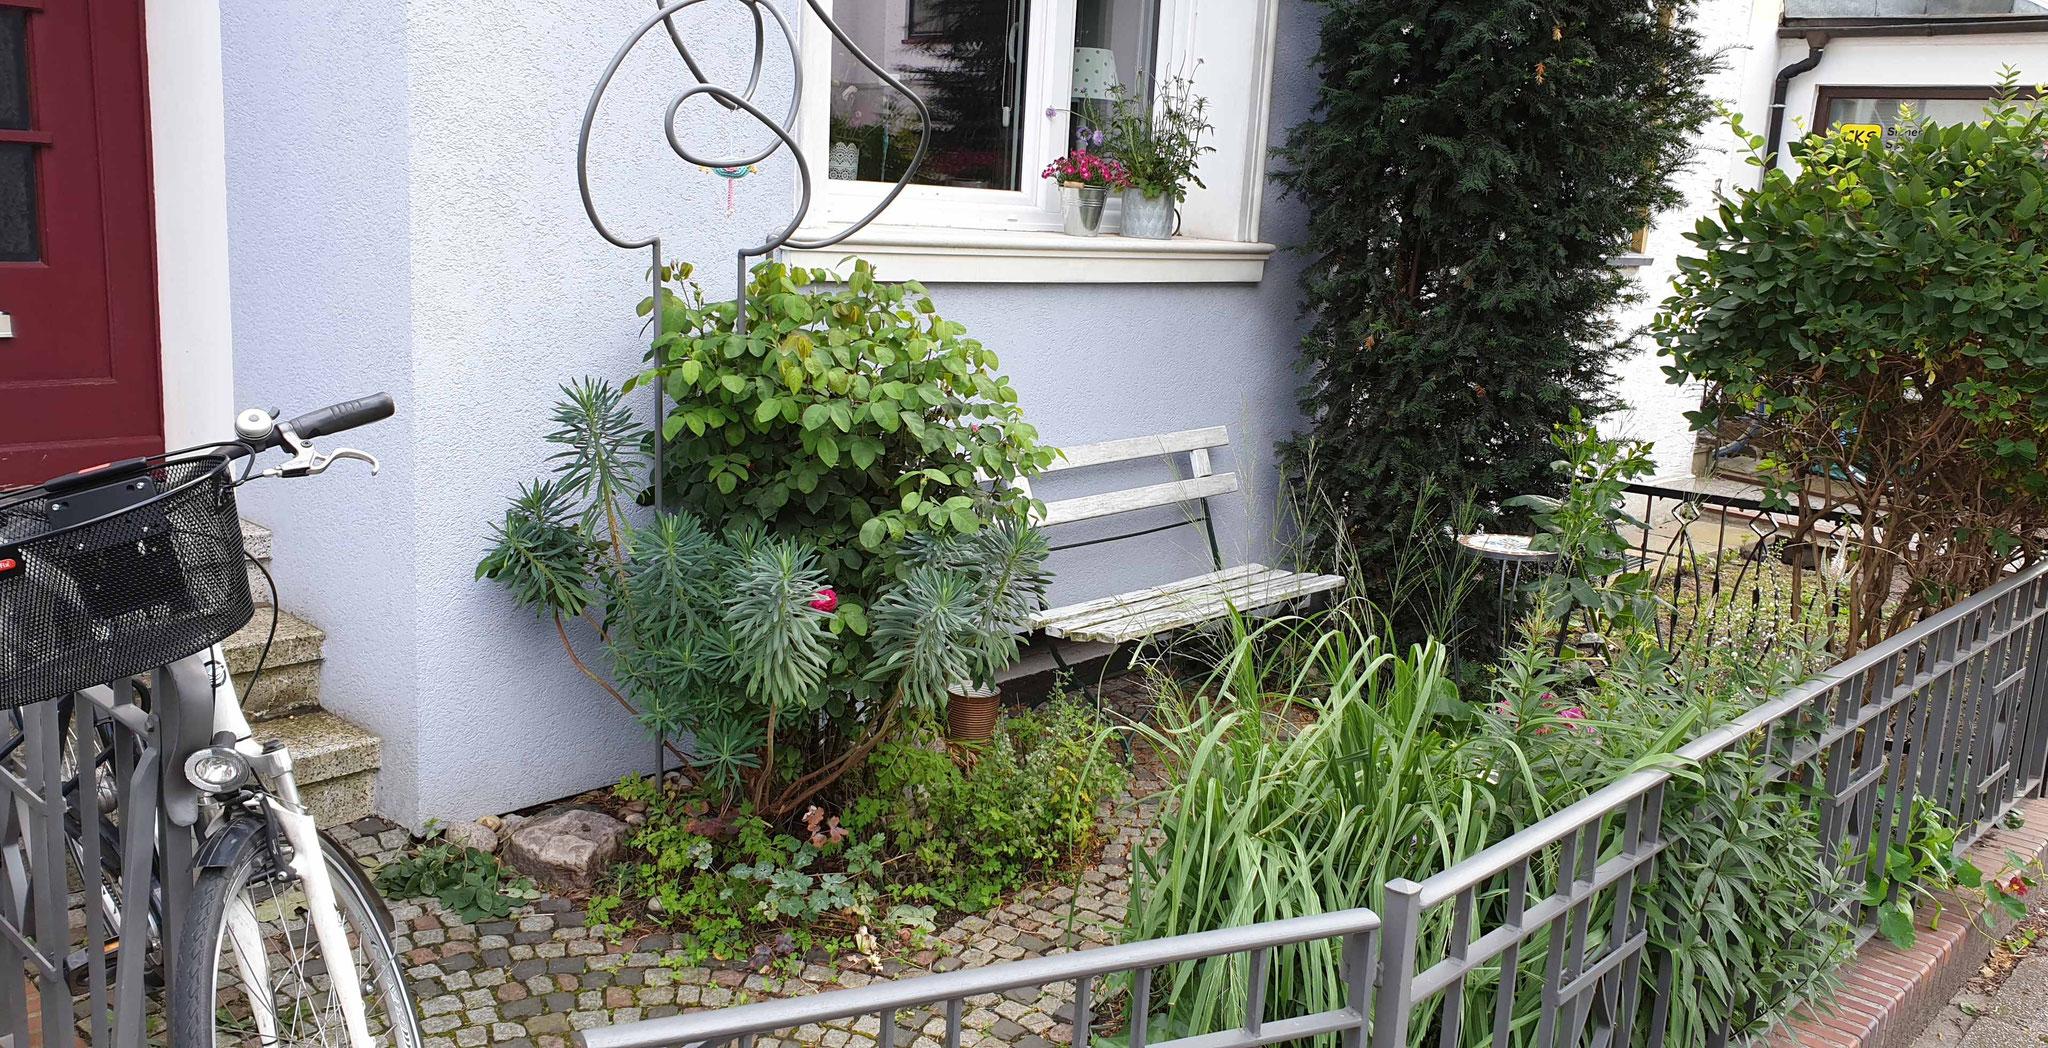 1. Preis : Vorgarten Augsburger Strasse 5 / Jutta & Jens Jürgens